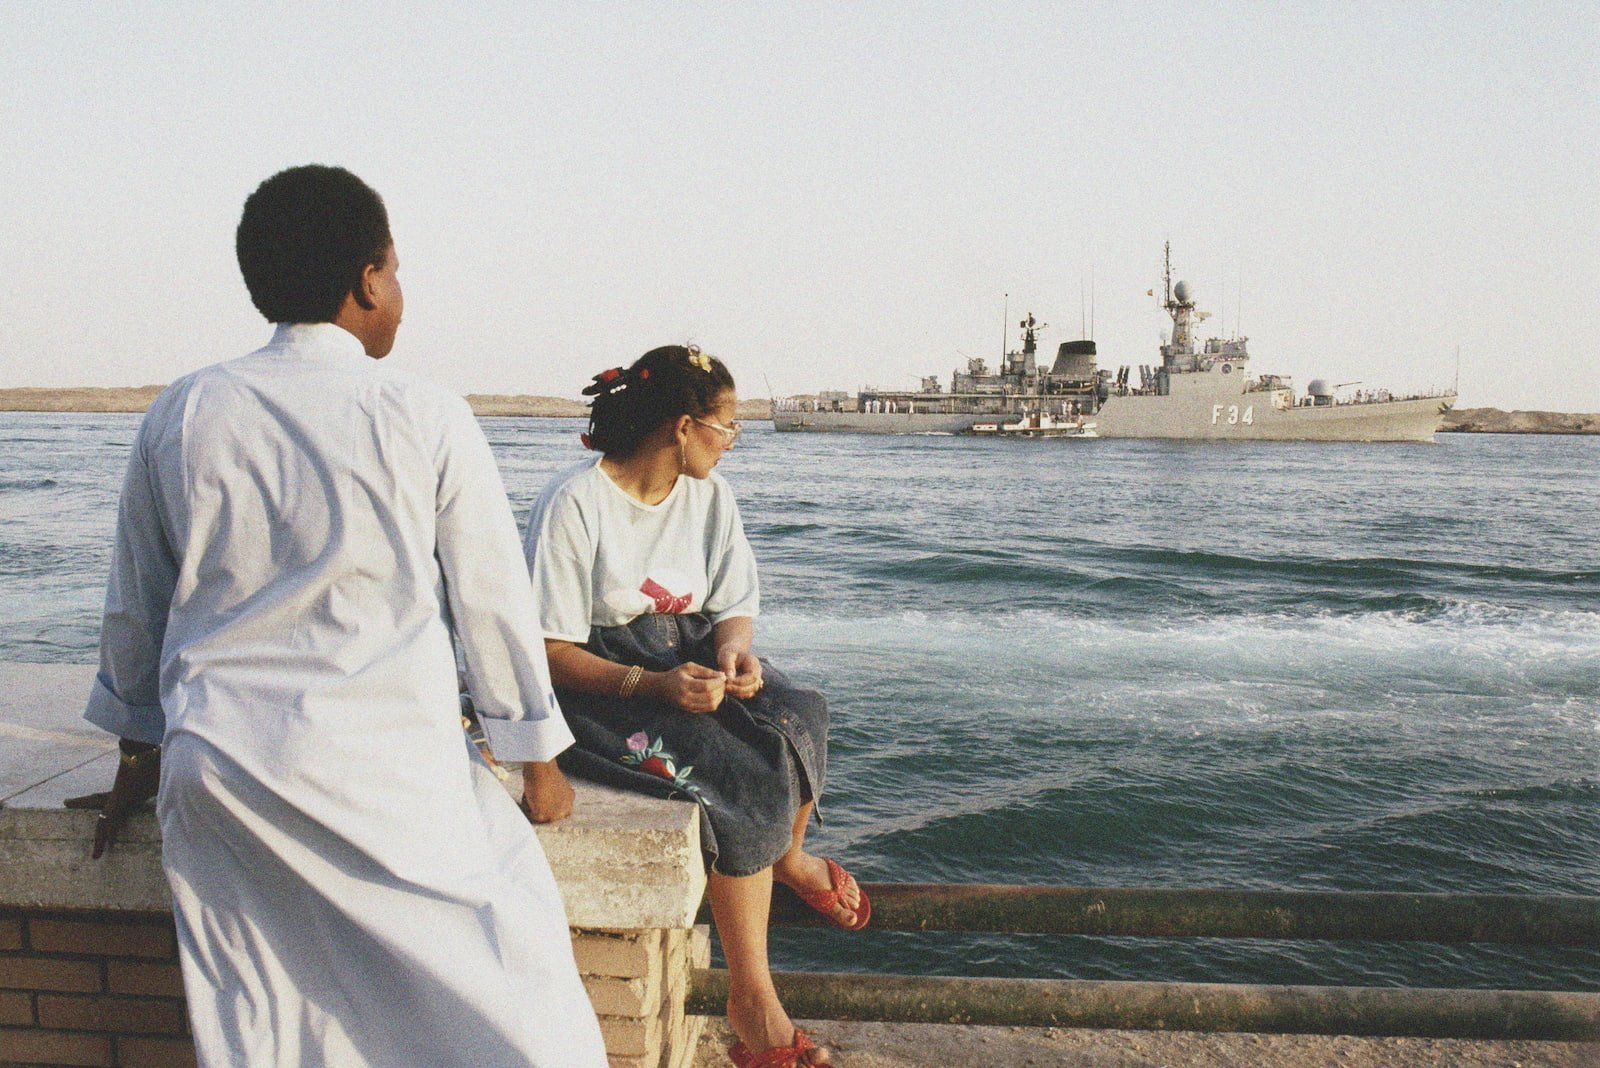 الخليج في مواجهة التاريخ